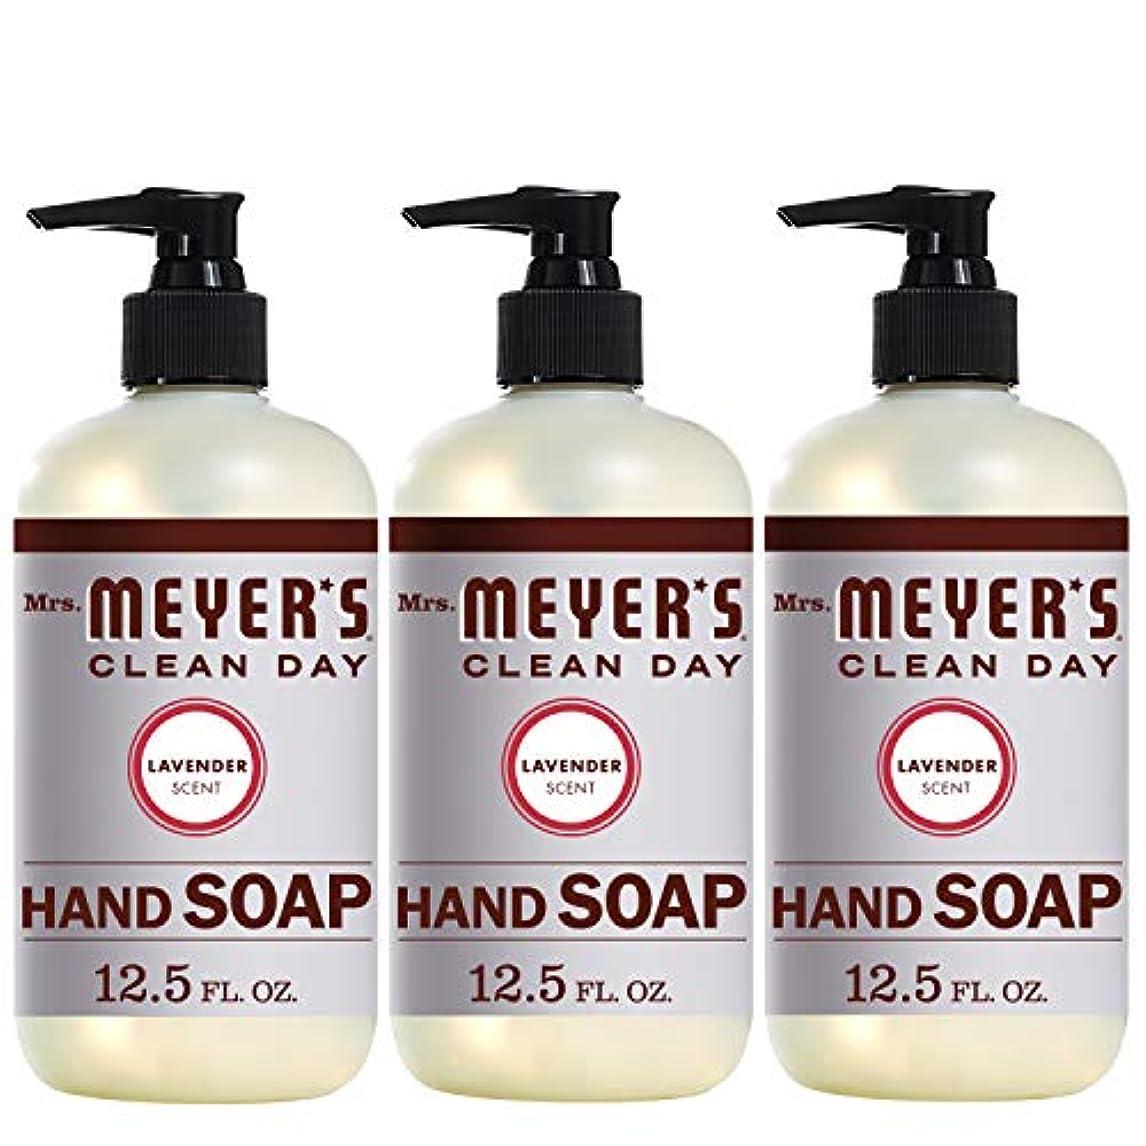 窓を洗う柔らかさ事務所Mrs。Meyer 's Clean Day Hand Soap、ラベンダー、12.5 FL OZ